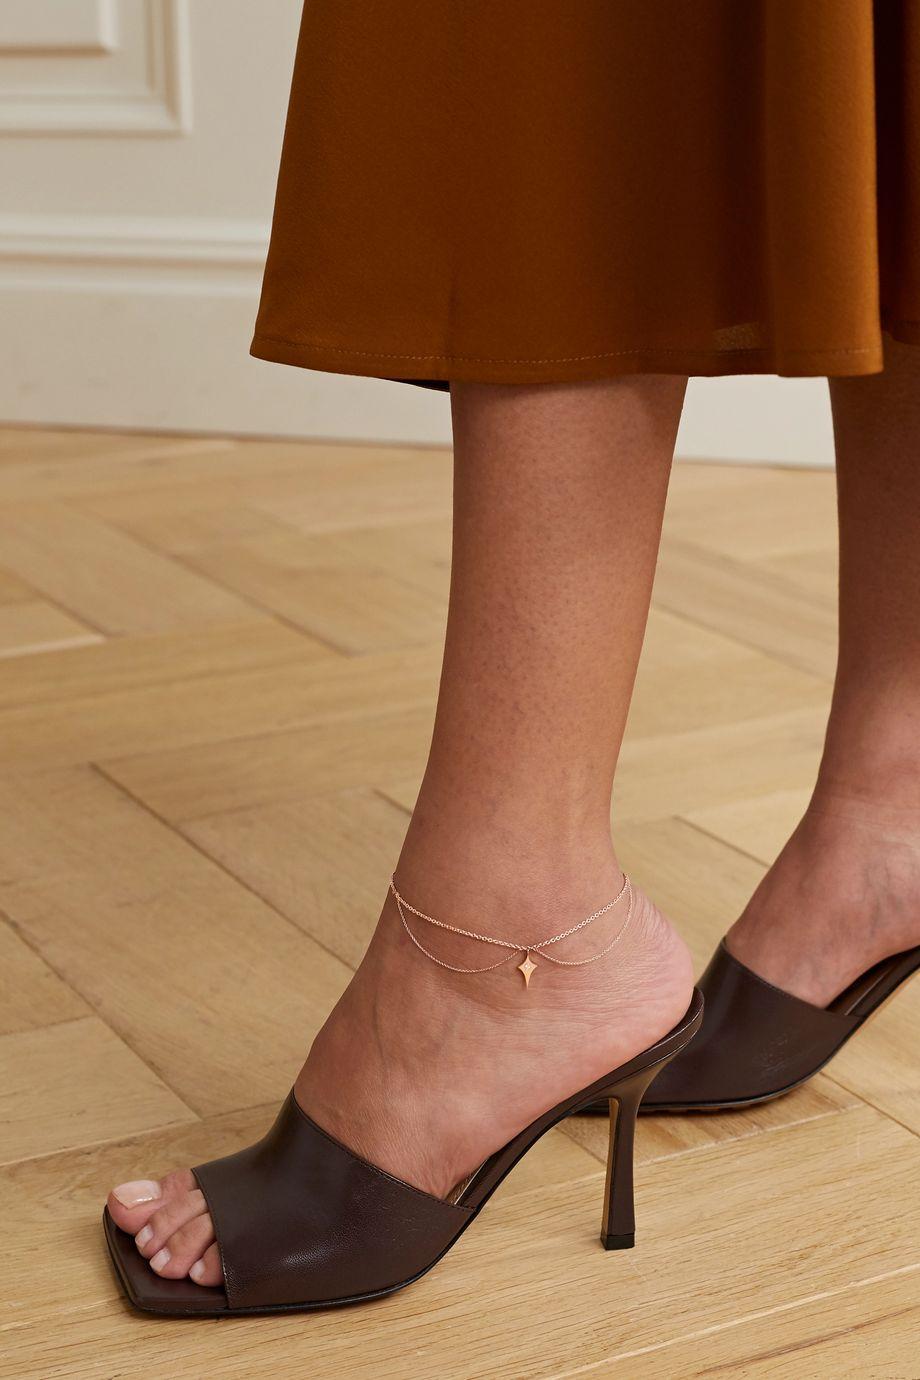 Diane Kordas Shield 14-karat rose gold diamond anklet